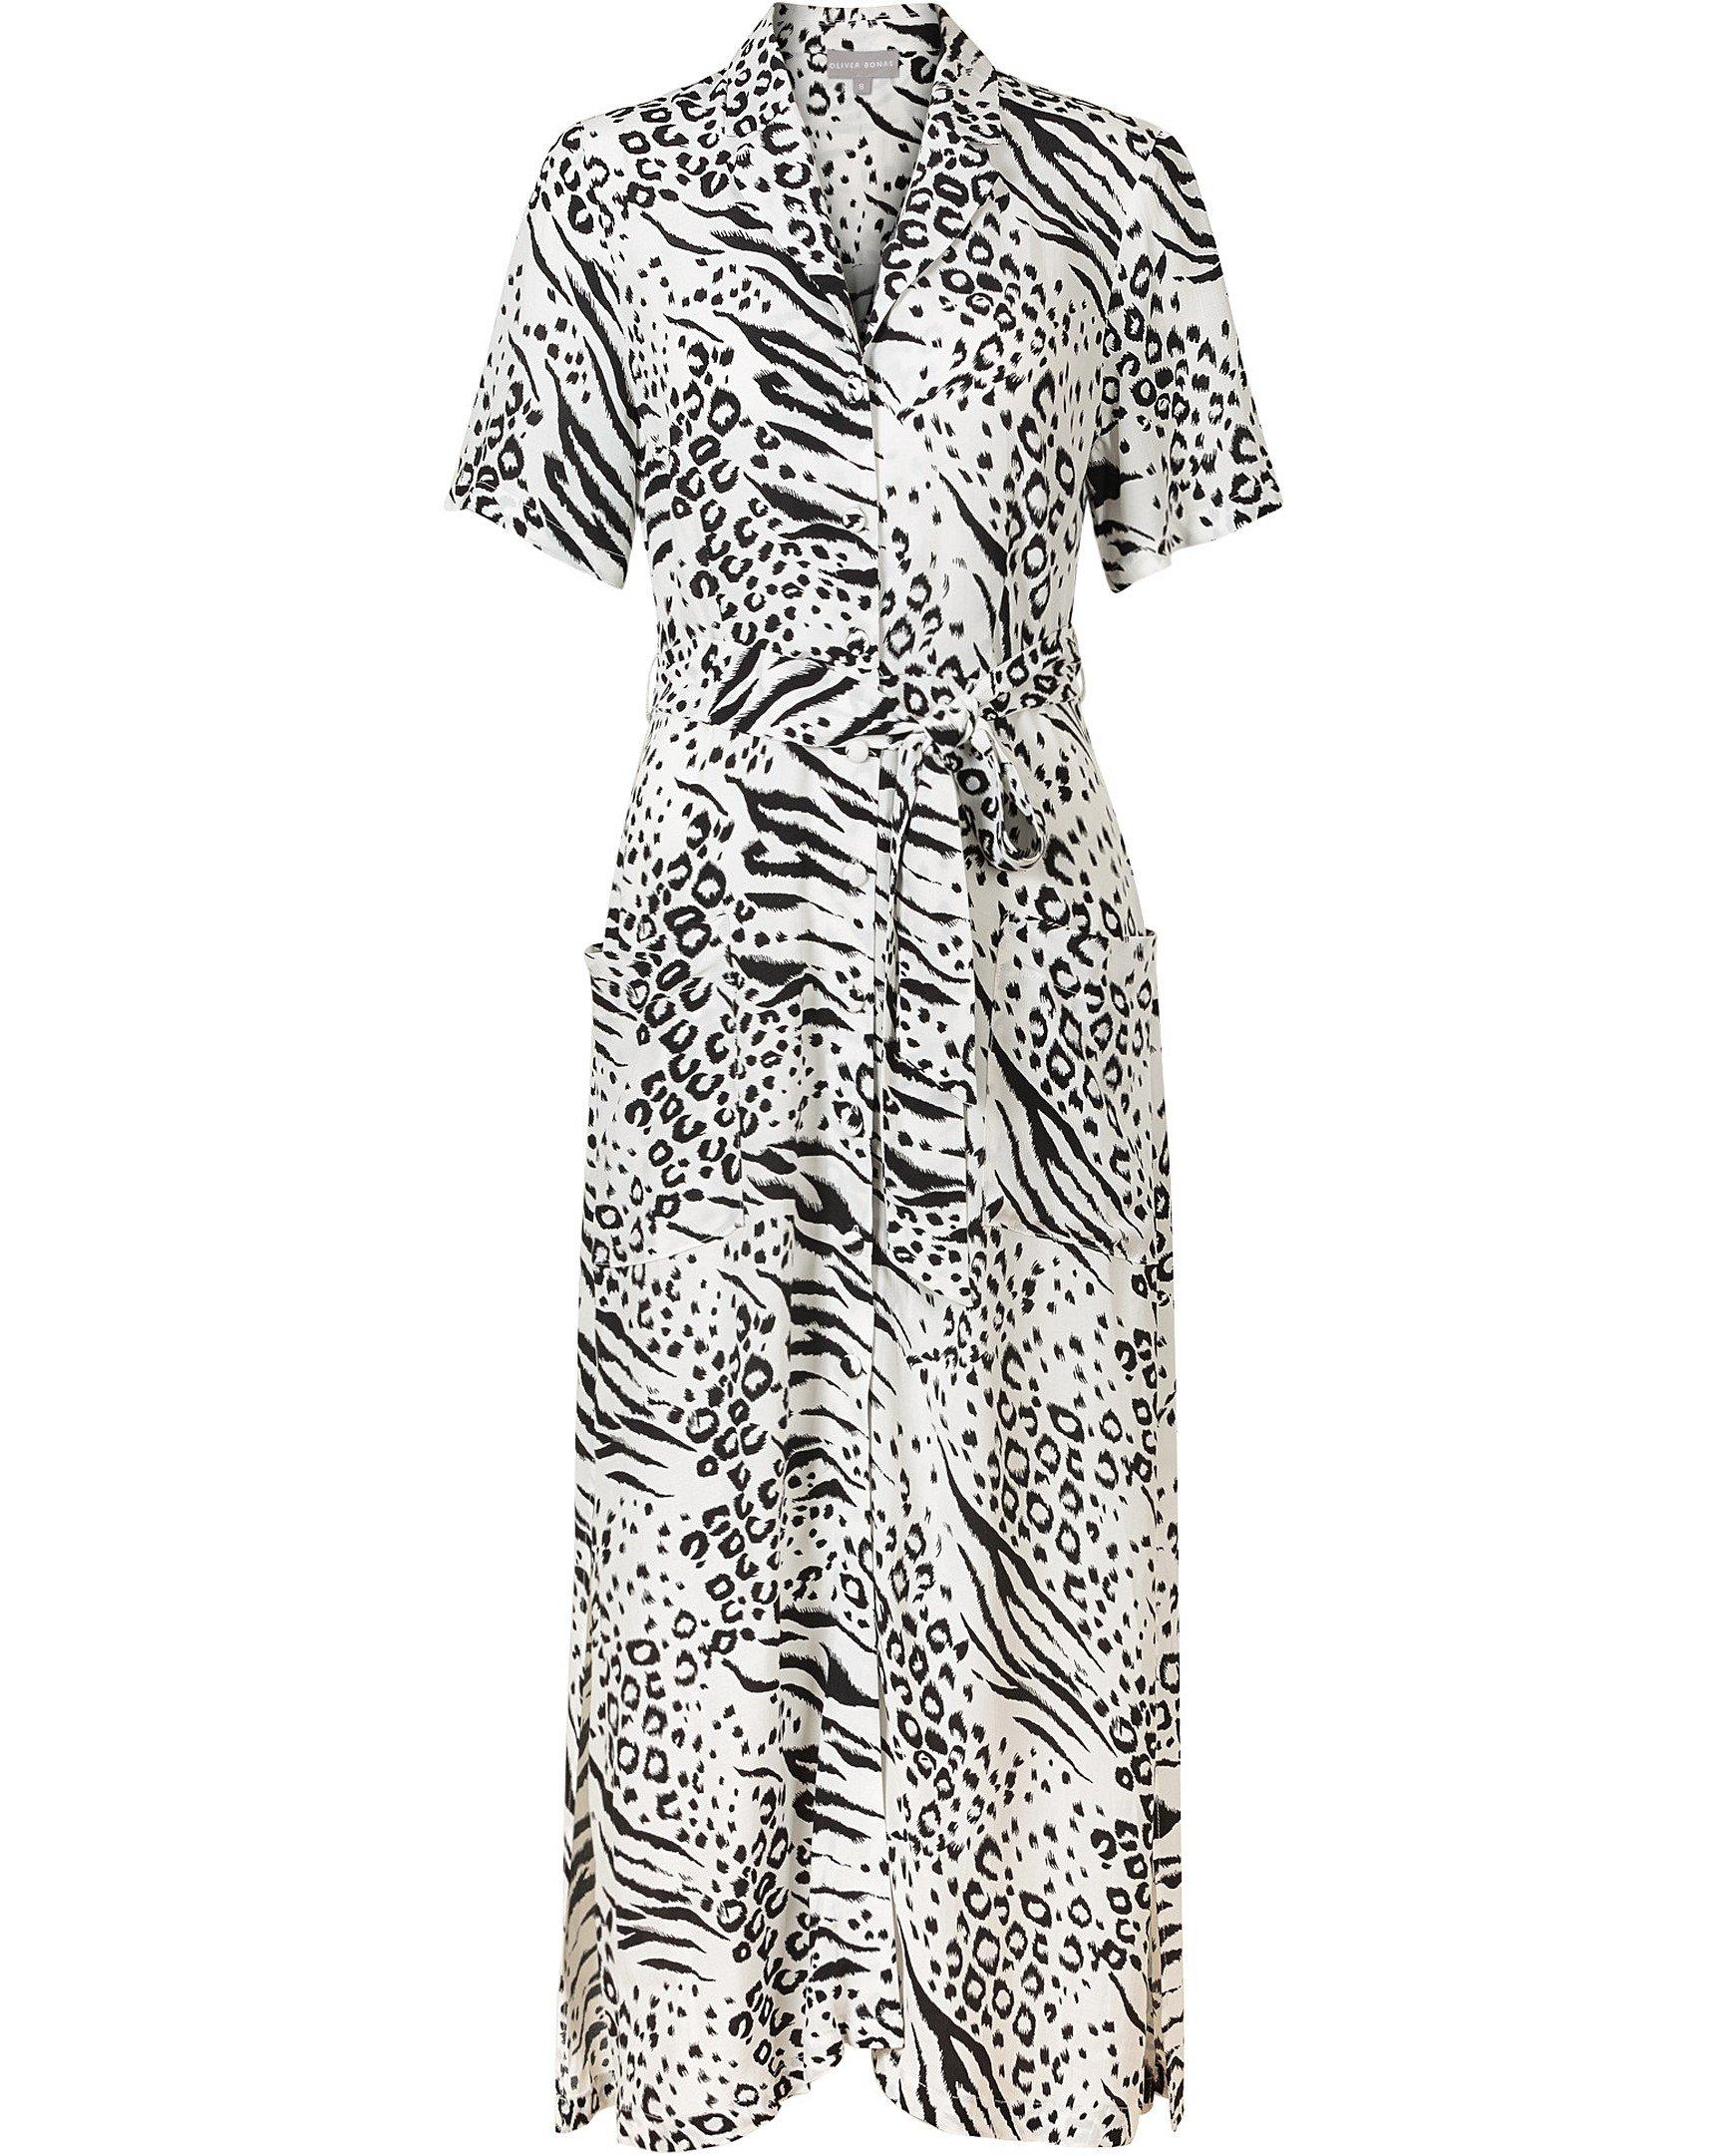 105701cf4aed Zebra Print White Maxi Shirt Dress | Oliver Bonas